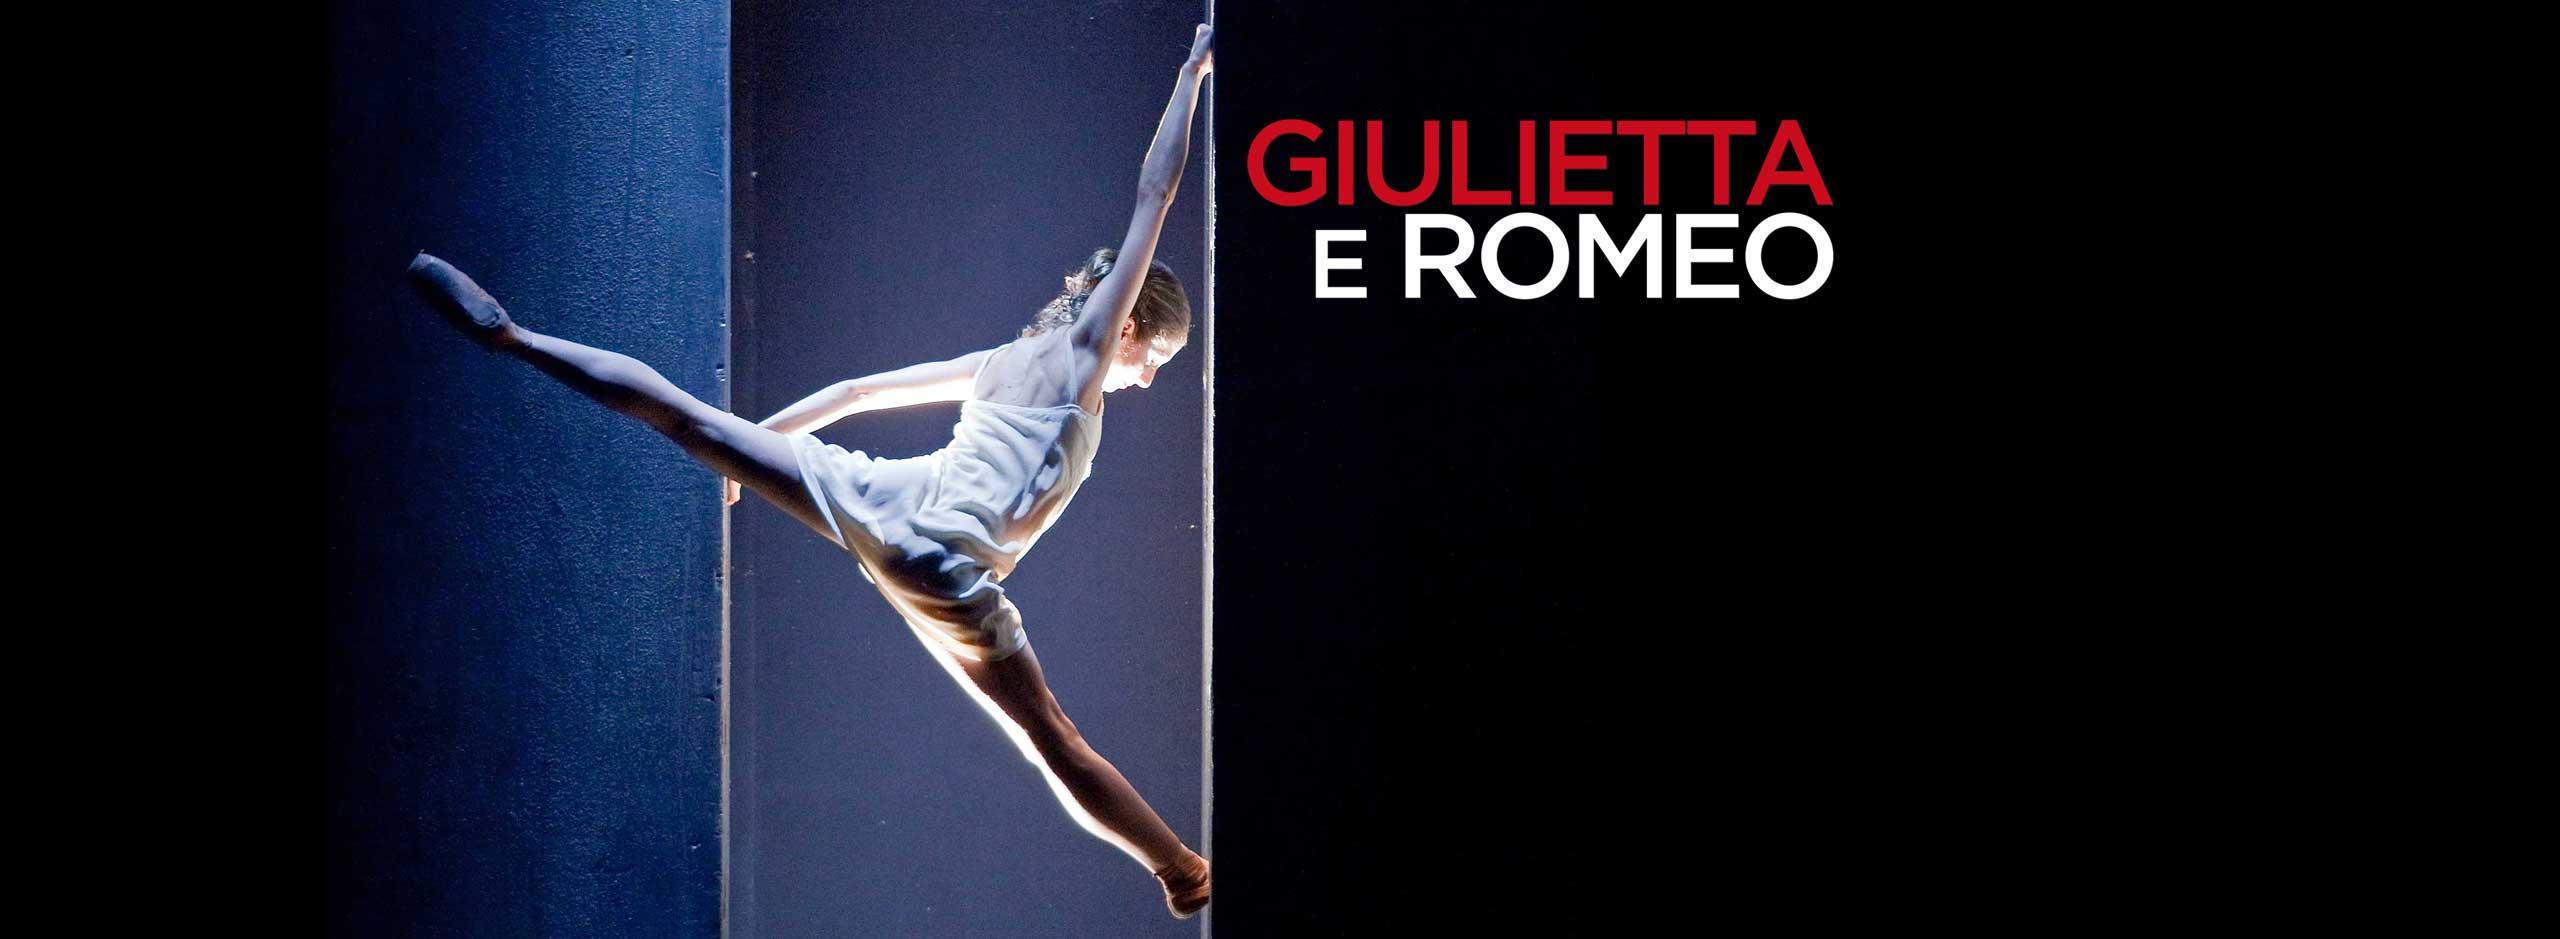 Balletto di Roma | Giulietta e Romeo al Teatro Vittoria | Nei Teatri di Roma 2018-19